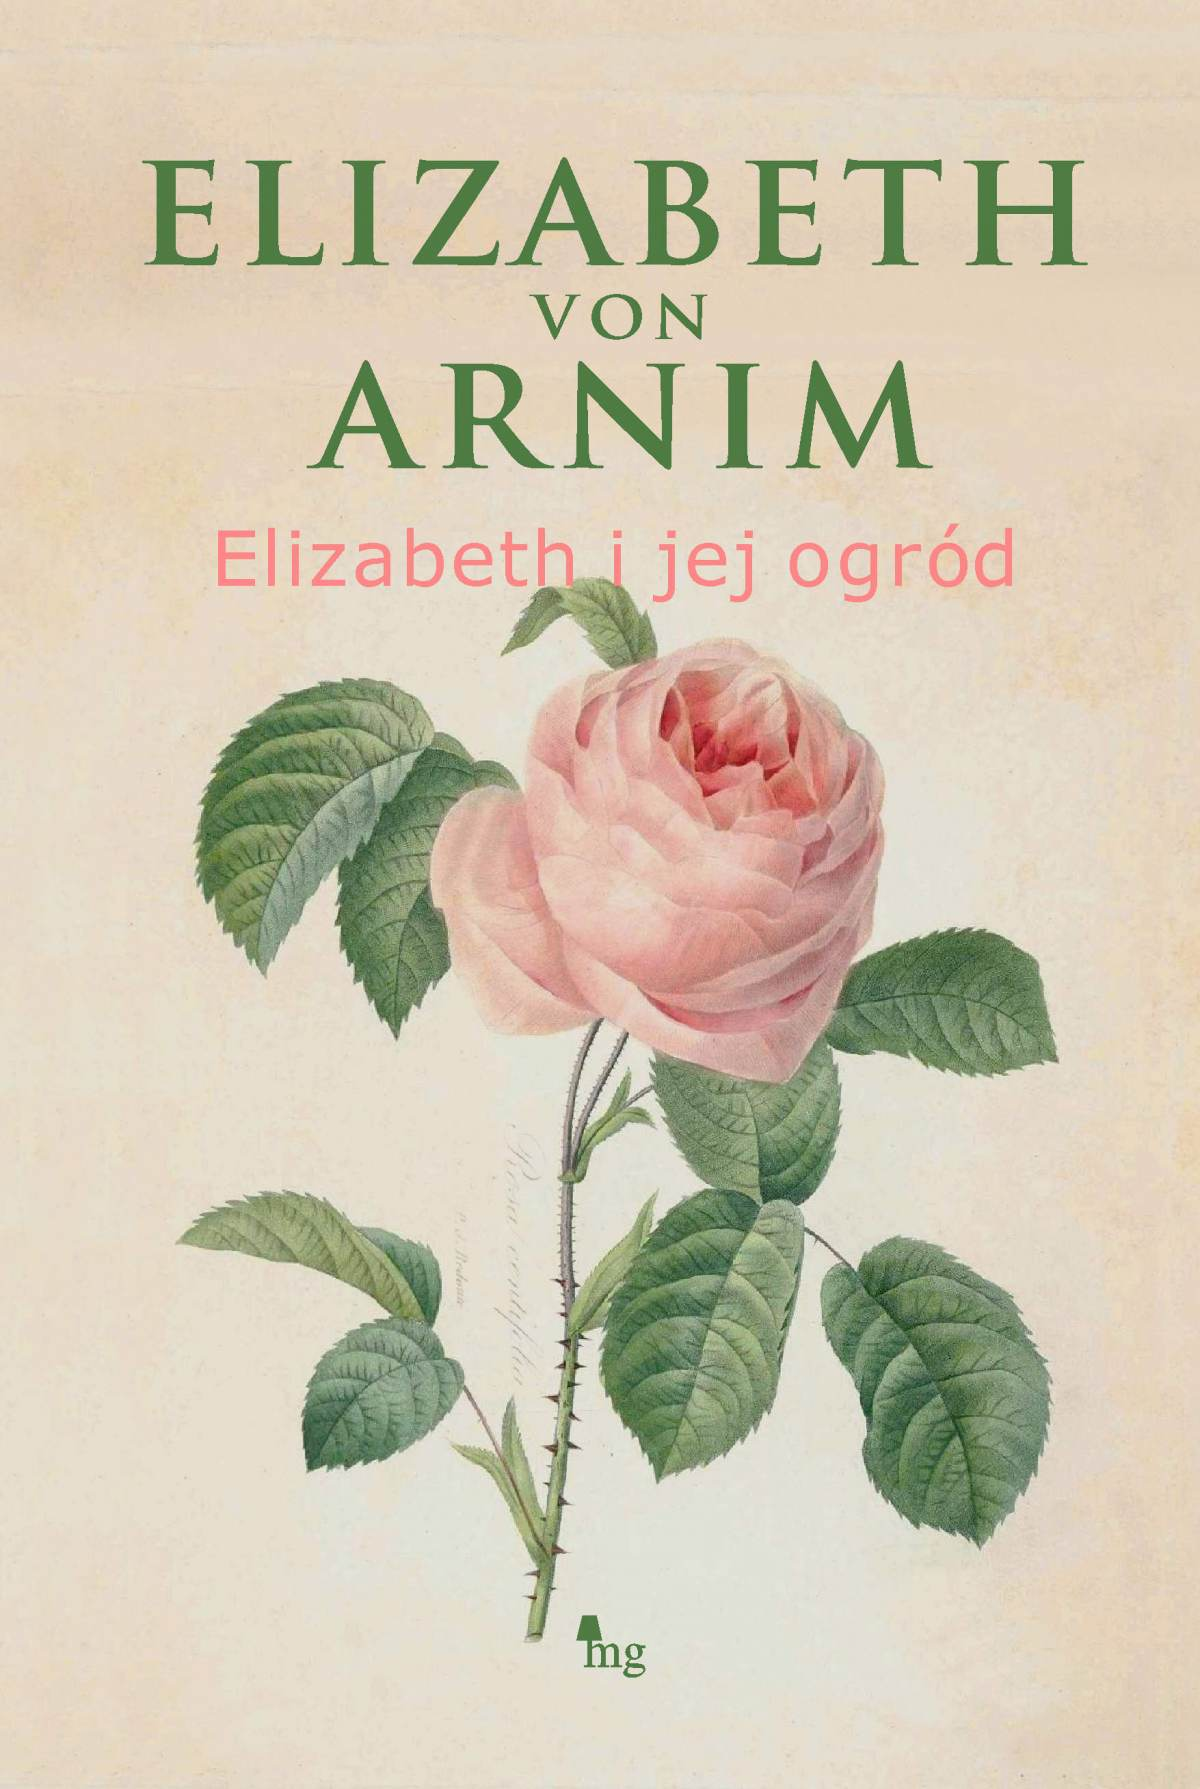 Elizabeth i jej ogród - Ebook (Książka EPUB) do pobrania w formacie EPUB